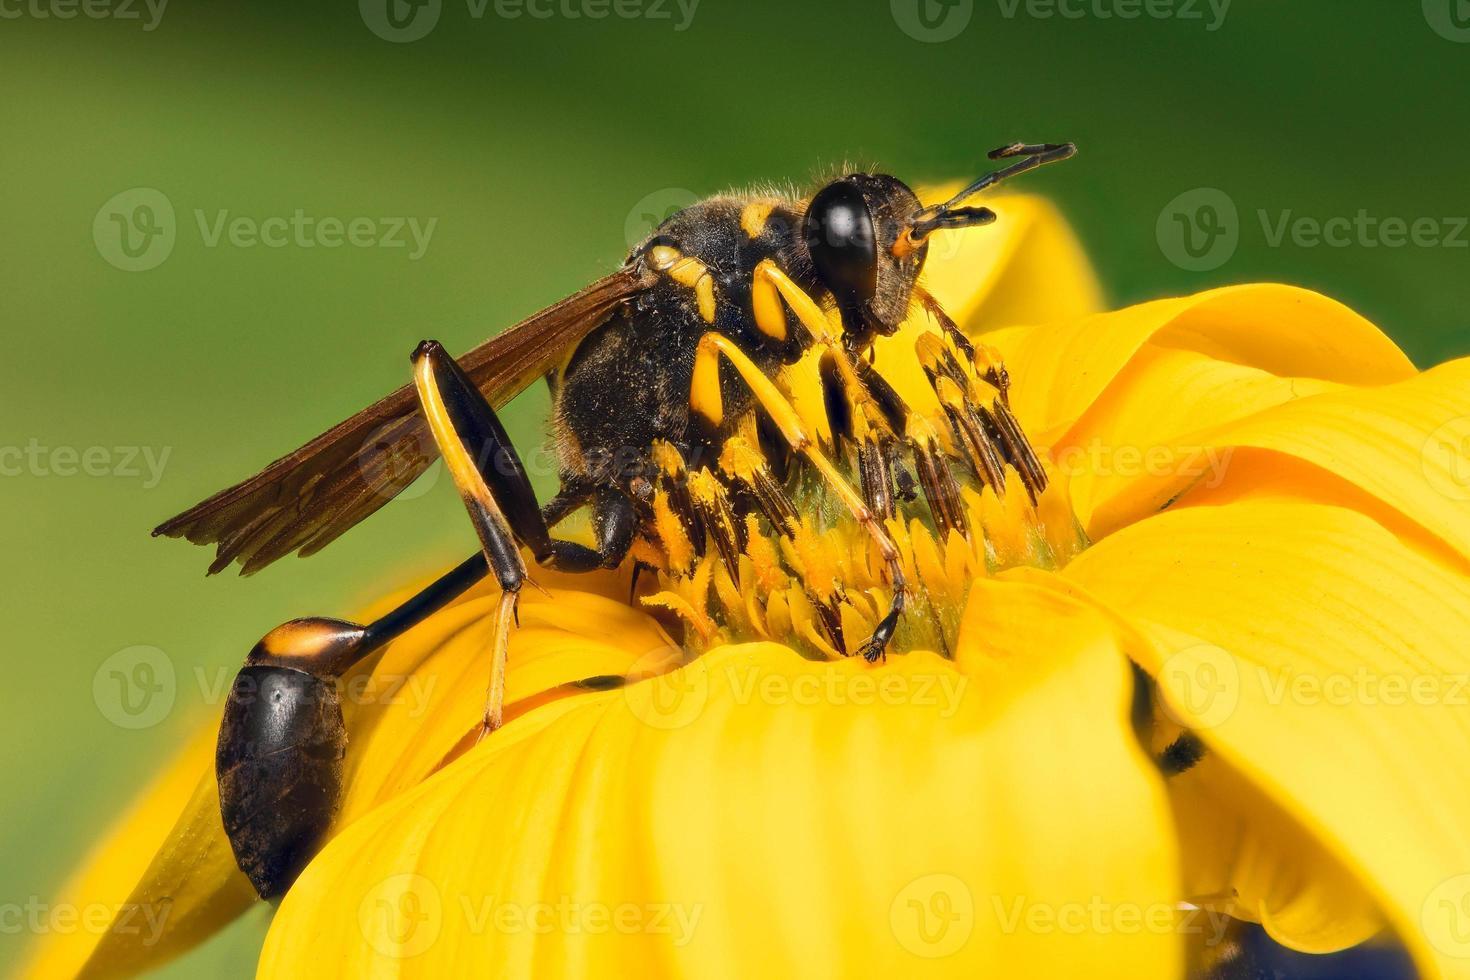 primer plano extremo de una avispa negra en una flor foto